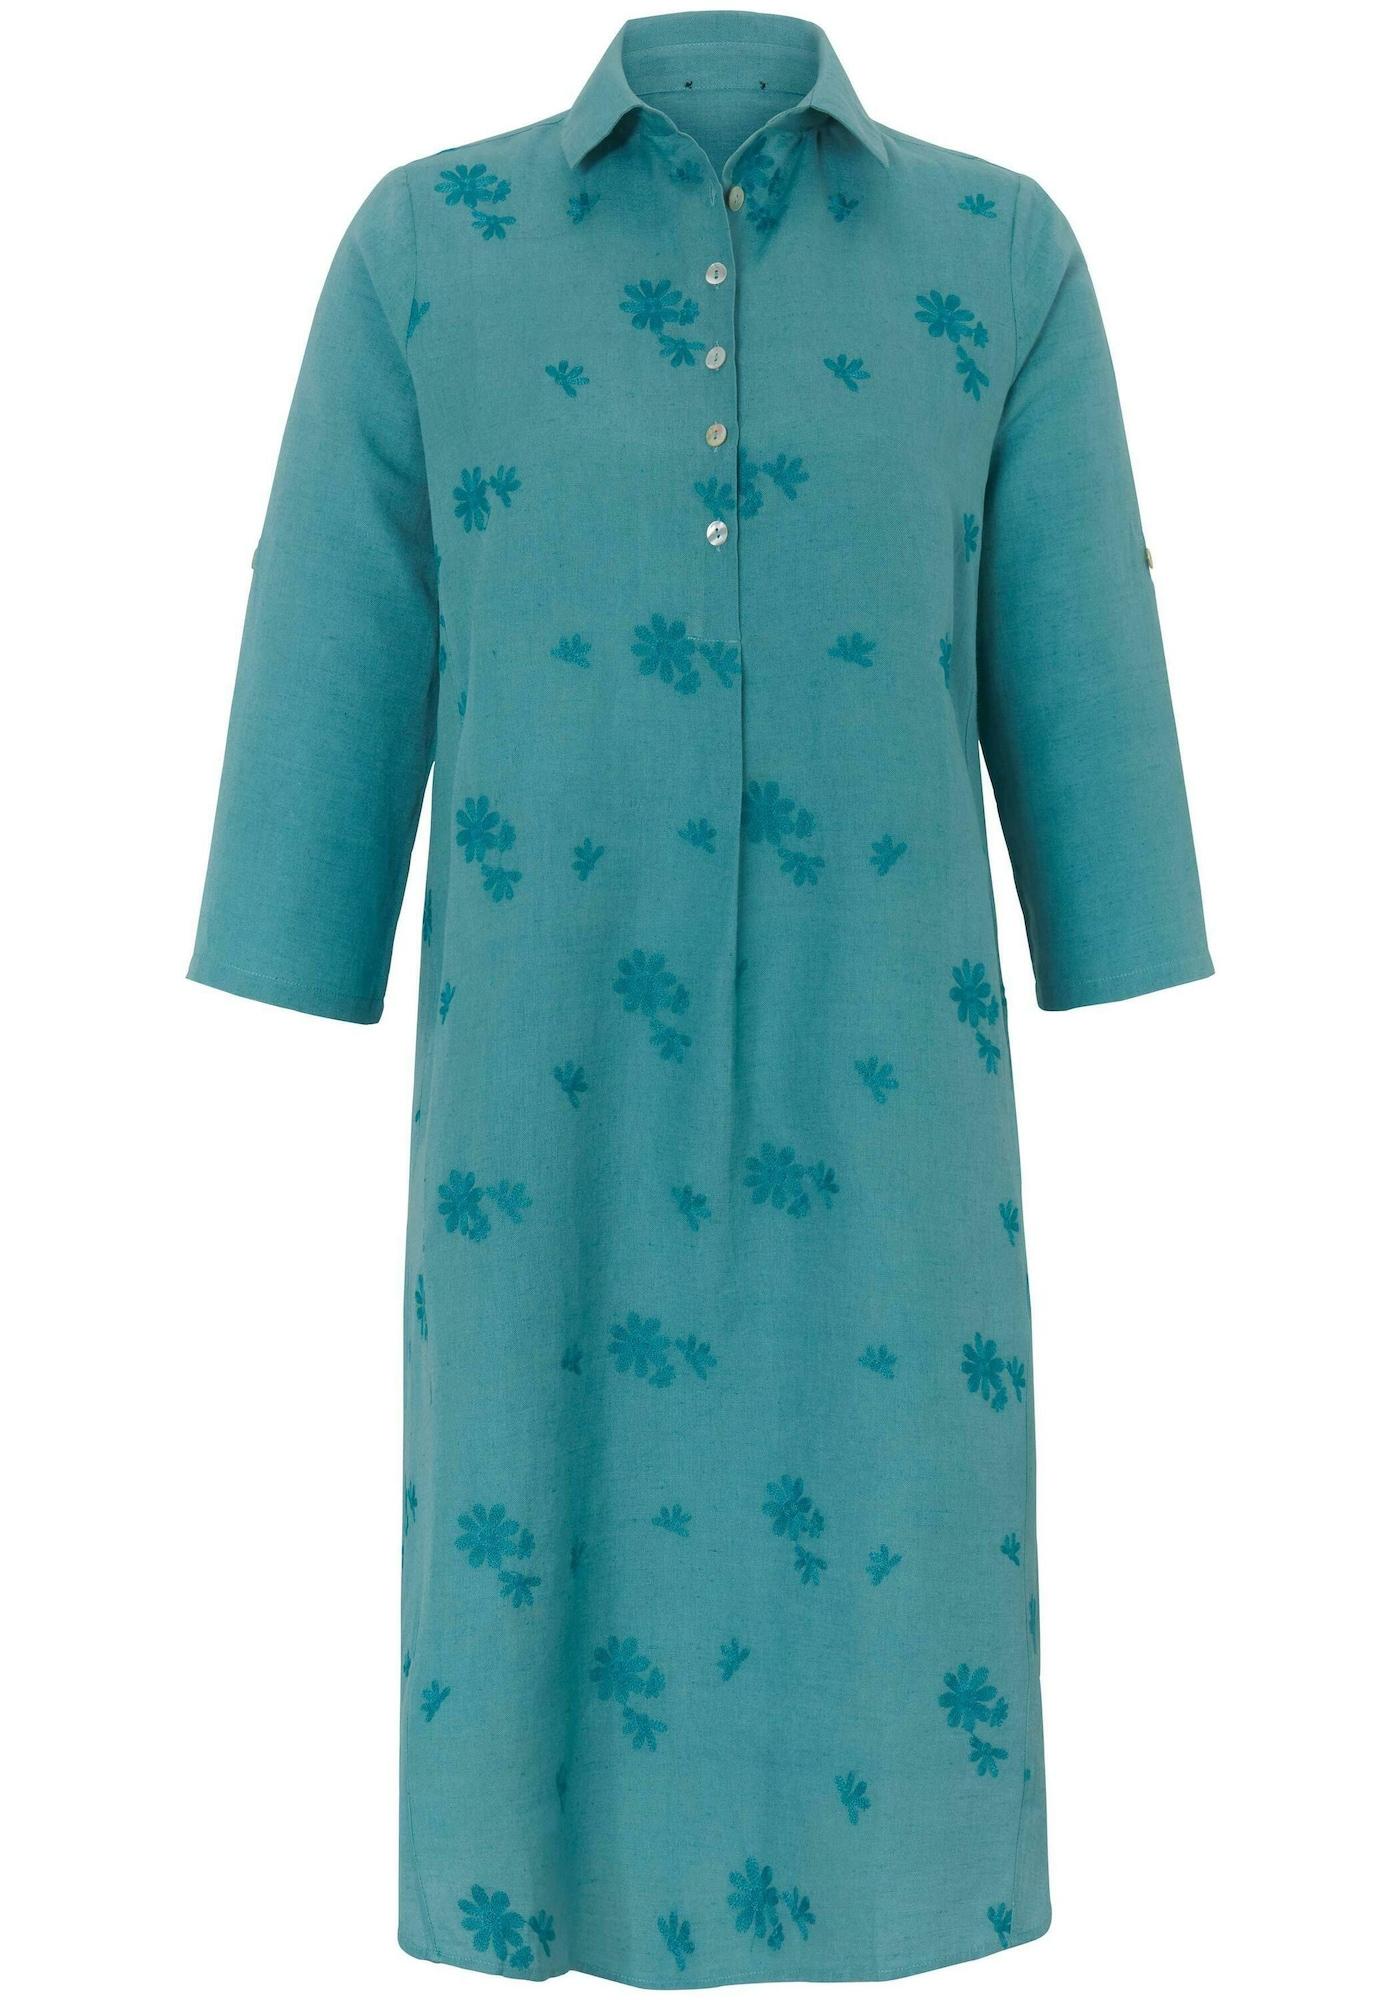 Sommerkleid Kleid mit 3/4-Arm   Bekleidung > Kleider > Sommerkleider   Anna Aura